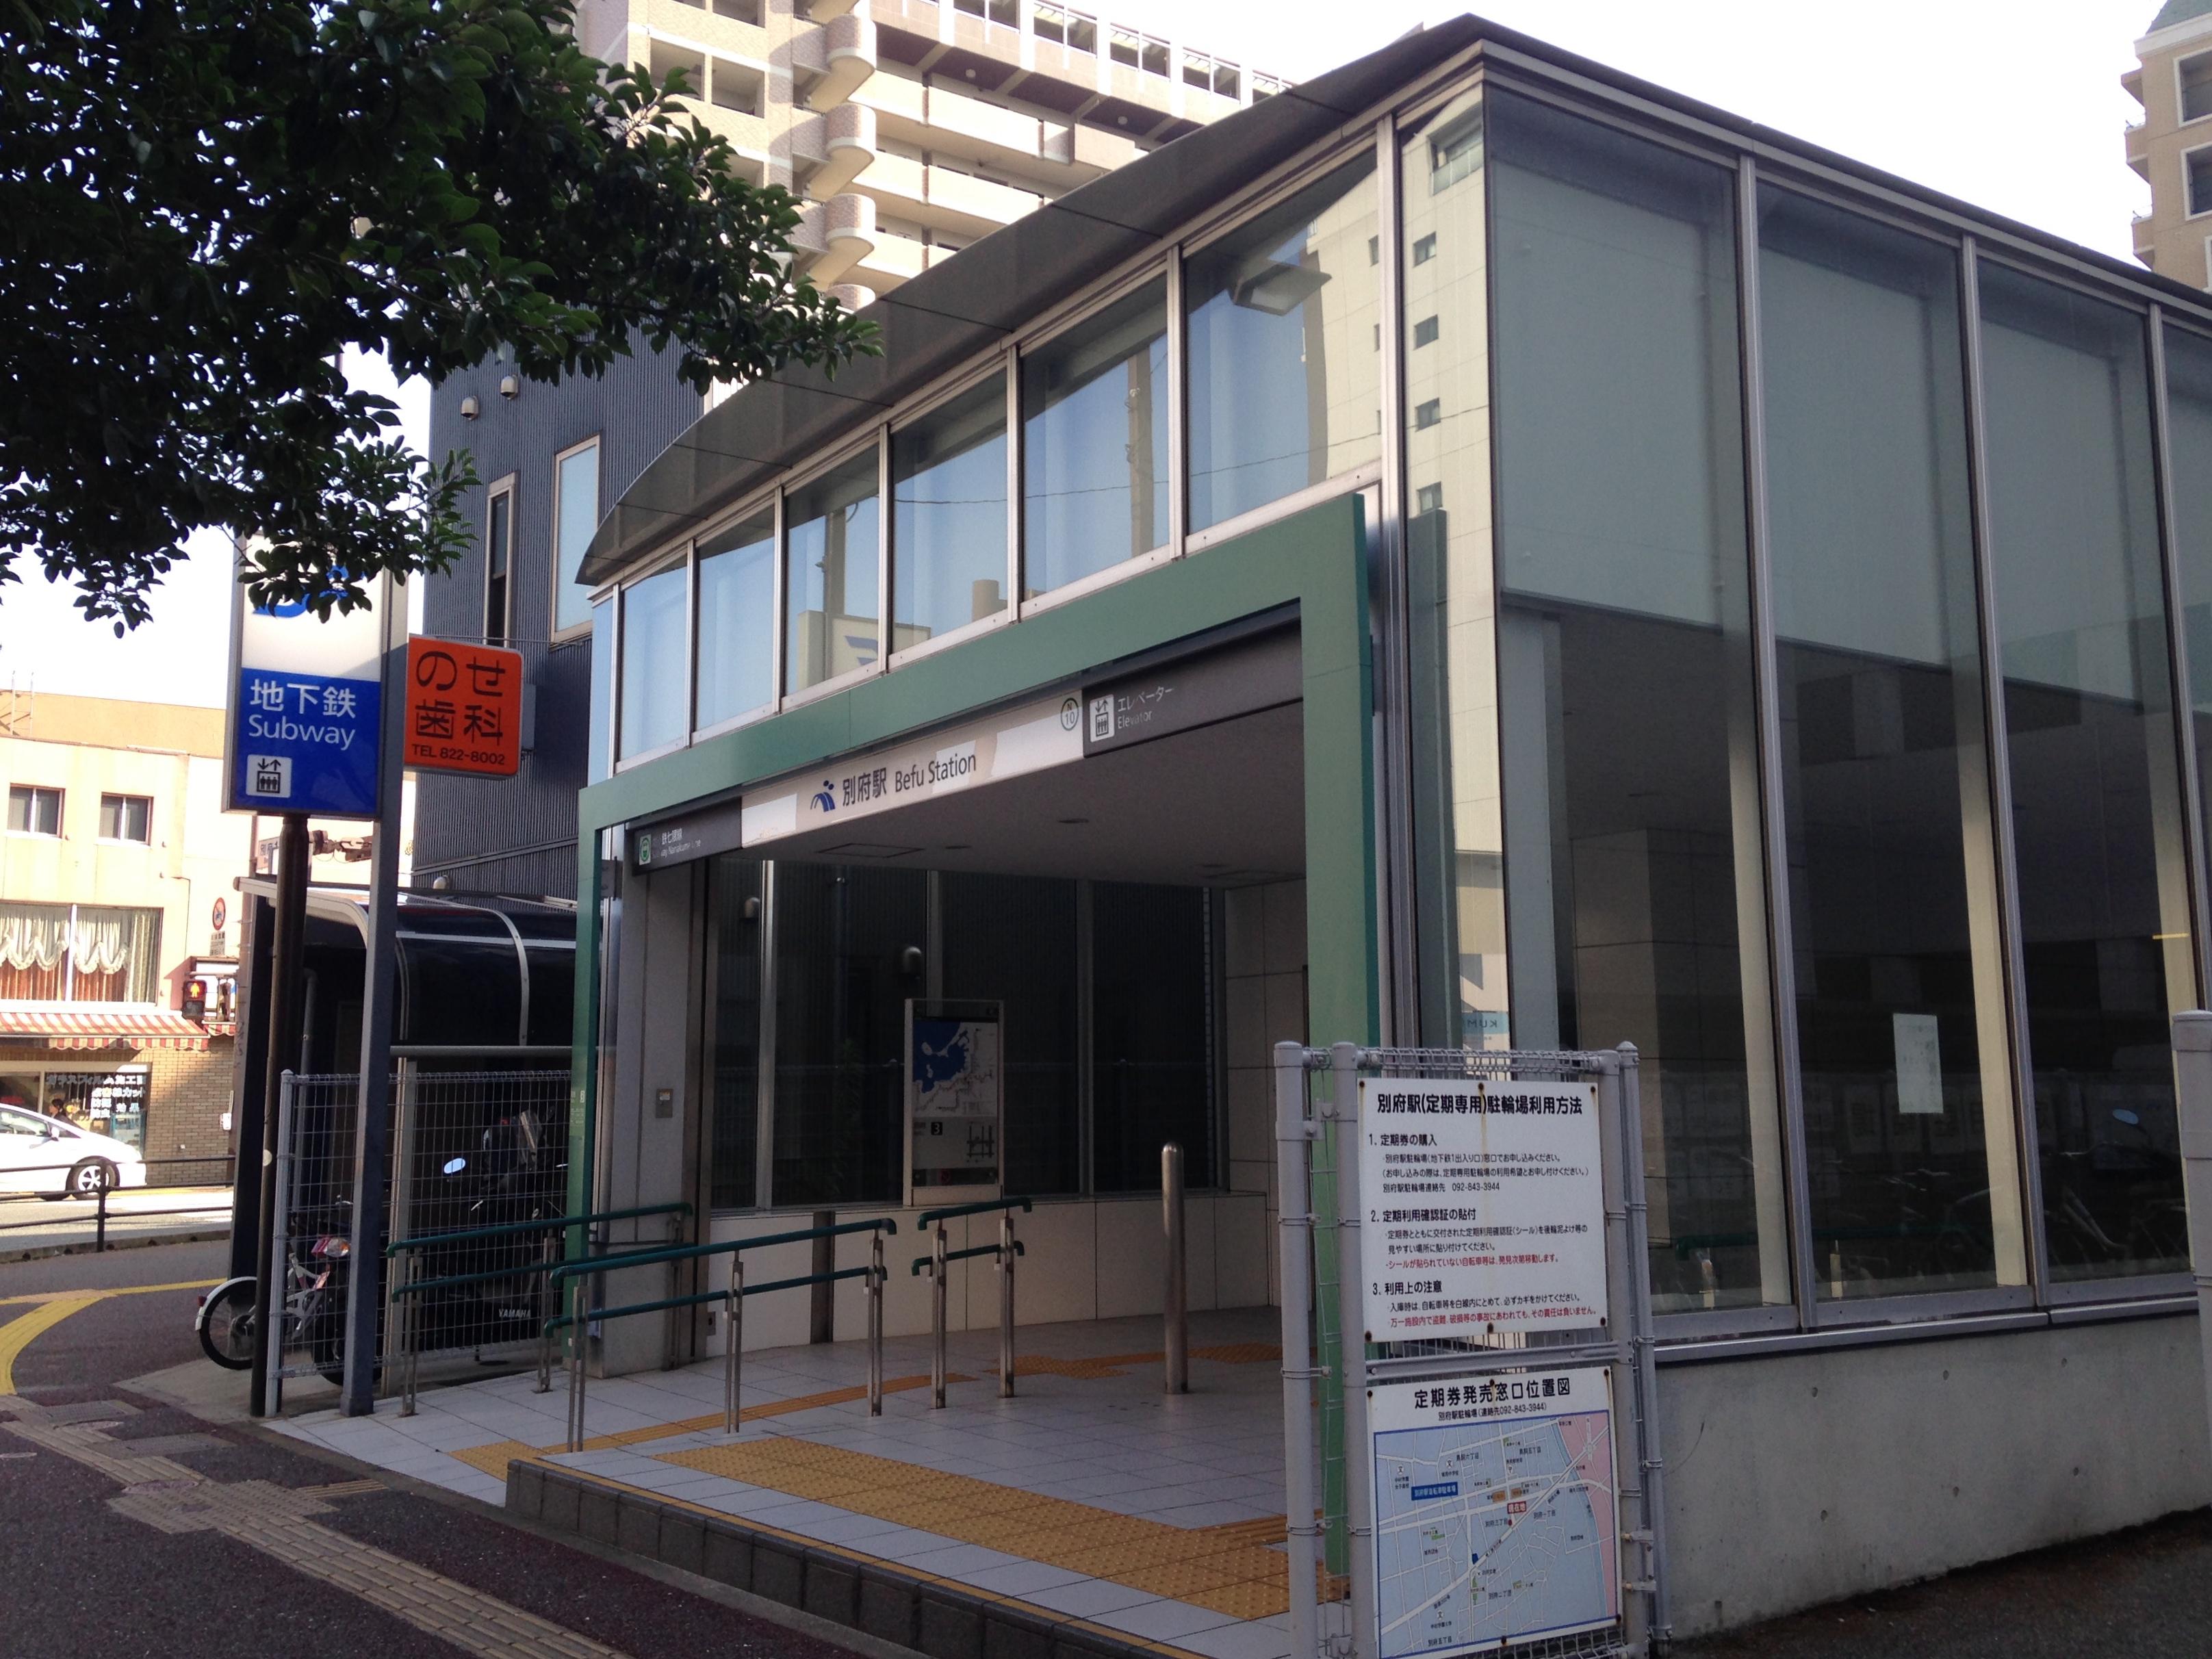 福岡市営地下鉄七隈線 別府駅